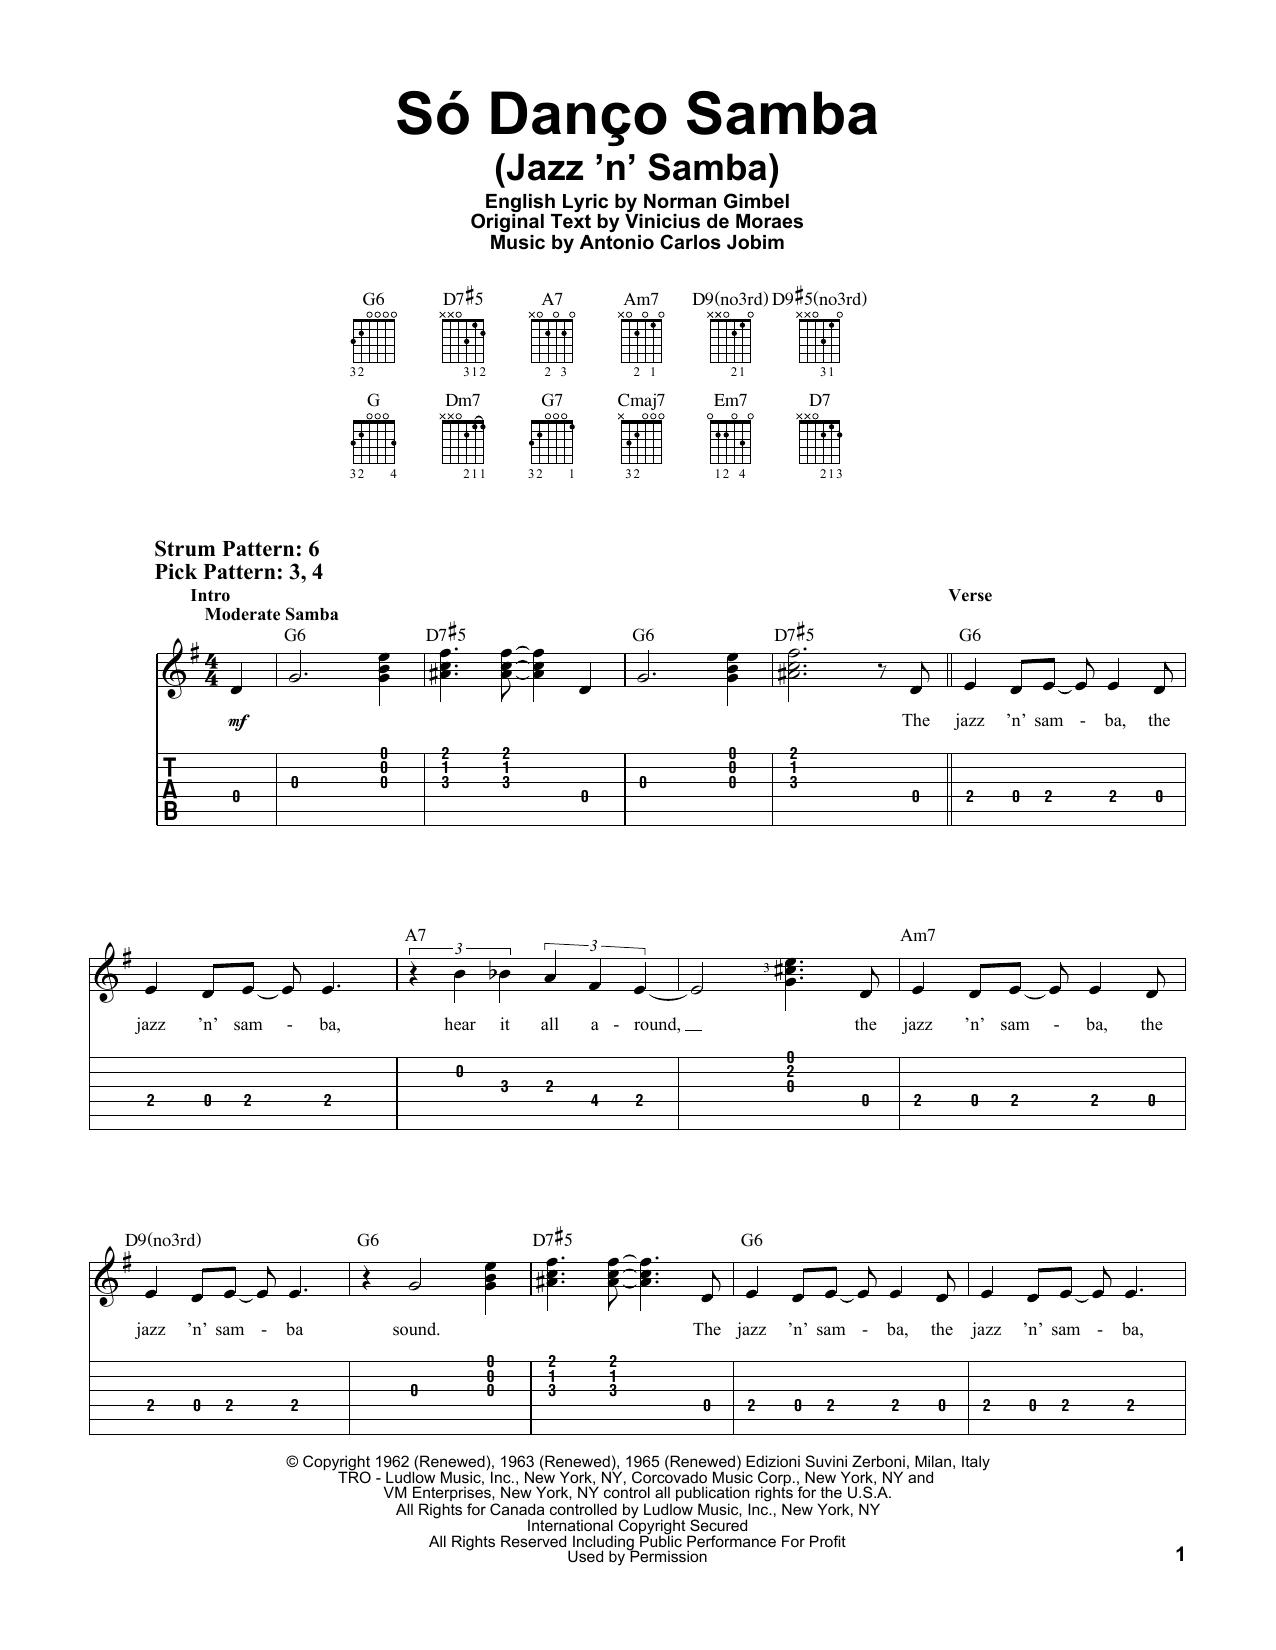 Tablature guitare Jazz 'N' Samba (Só Danço Samba) de Antonio Carlos Jobim - Tablature guitare facile